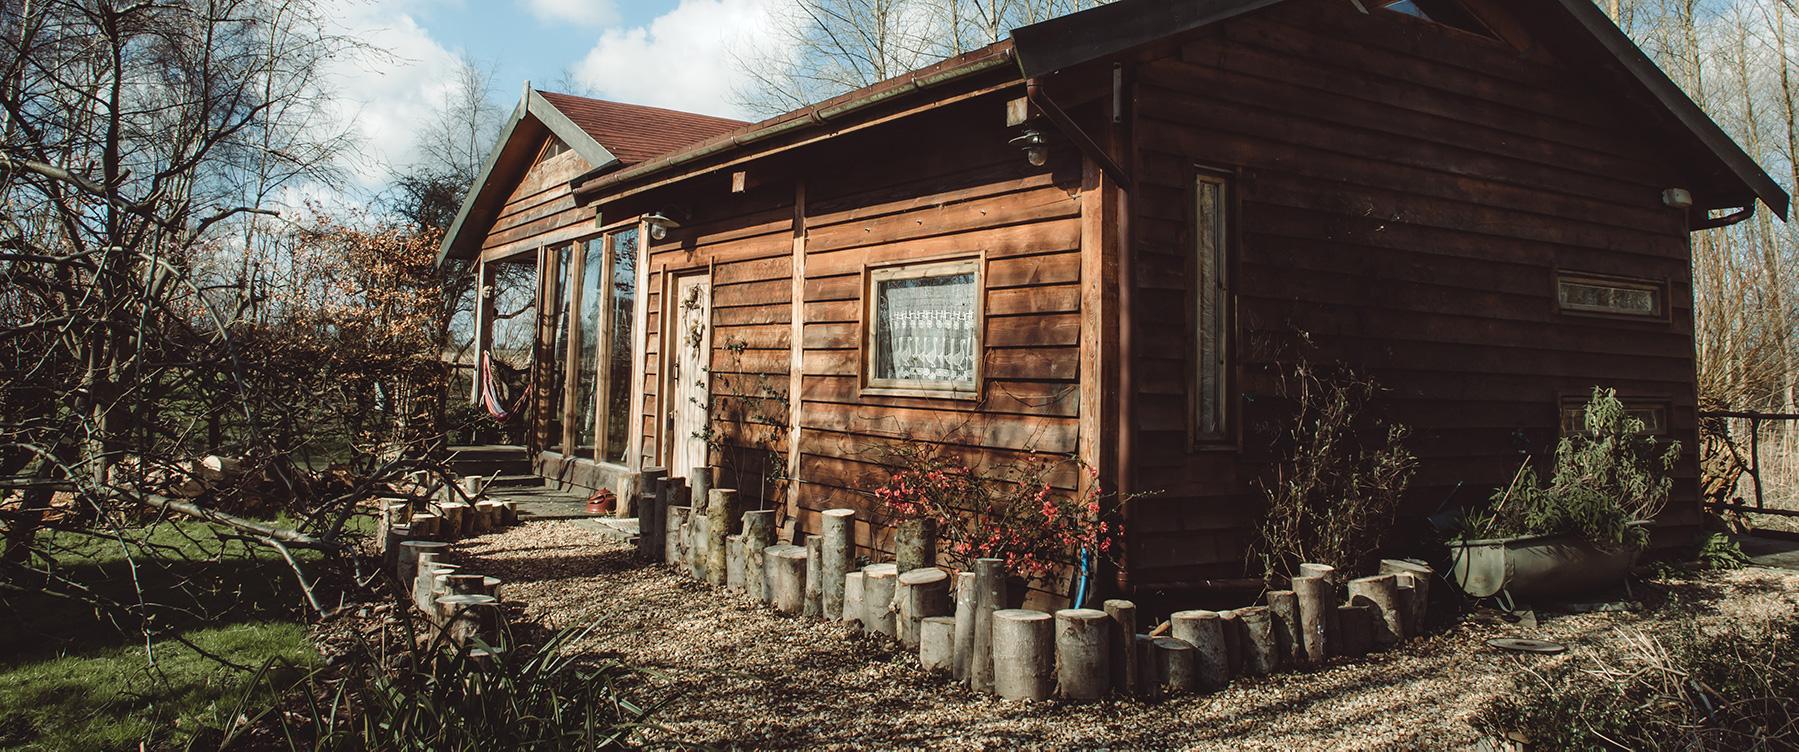 The Arc Cabin - Elton Peterborough